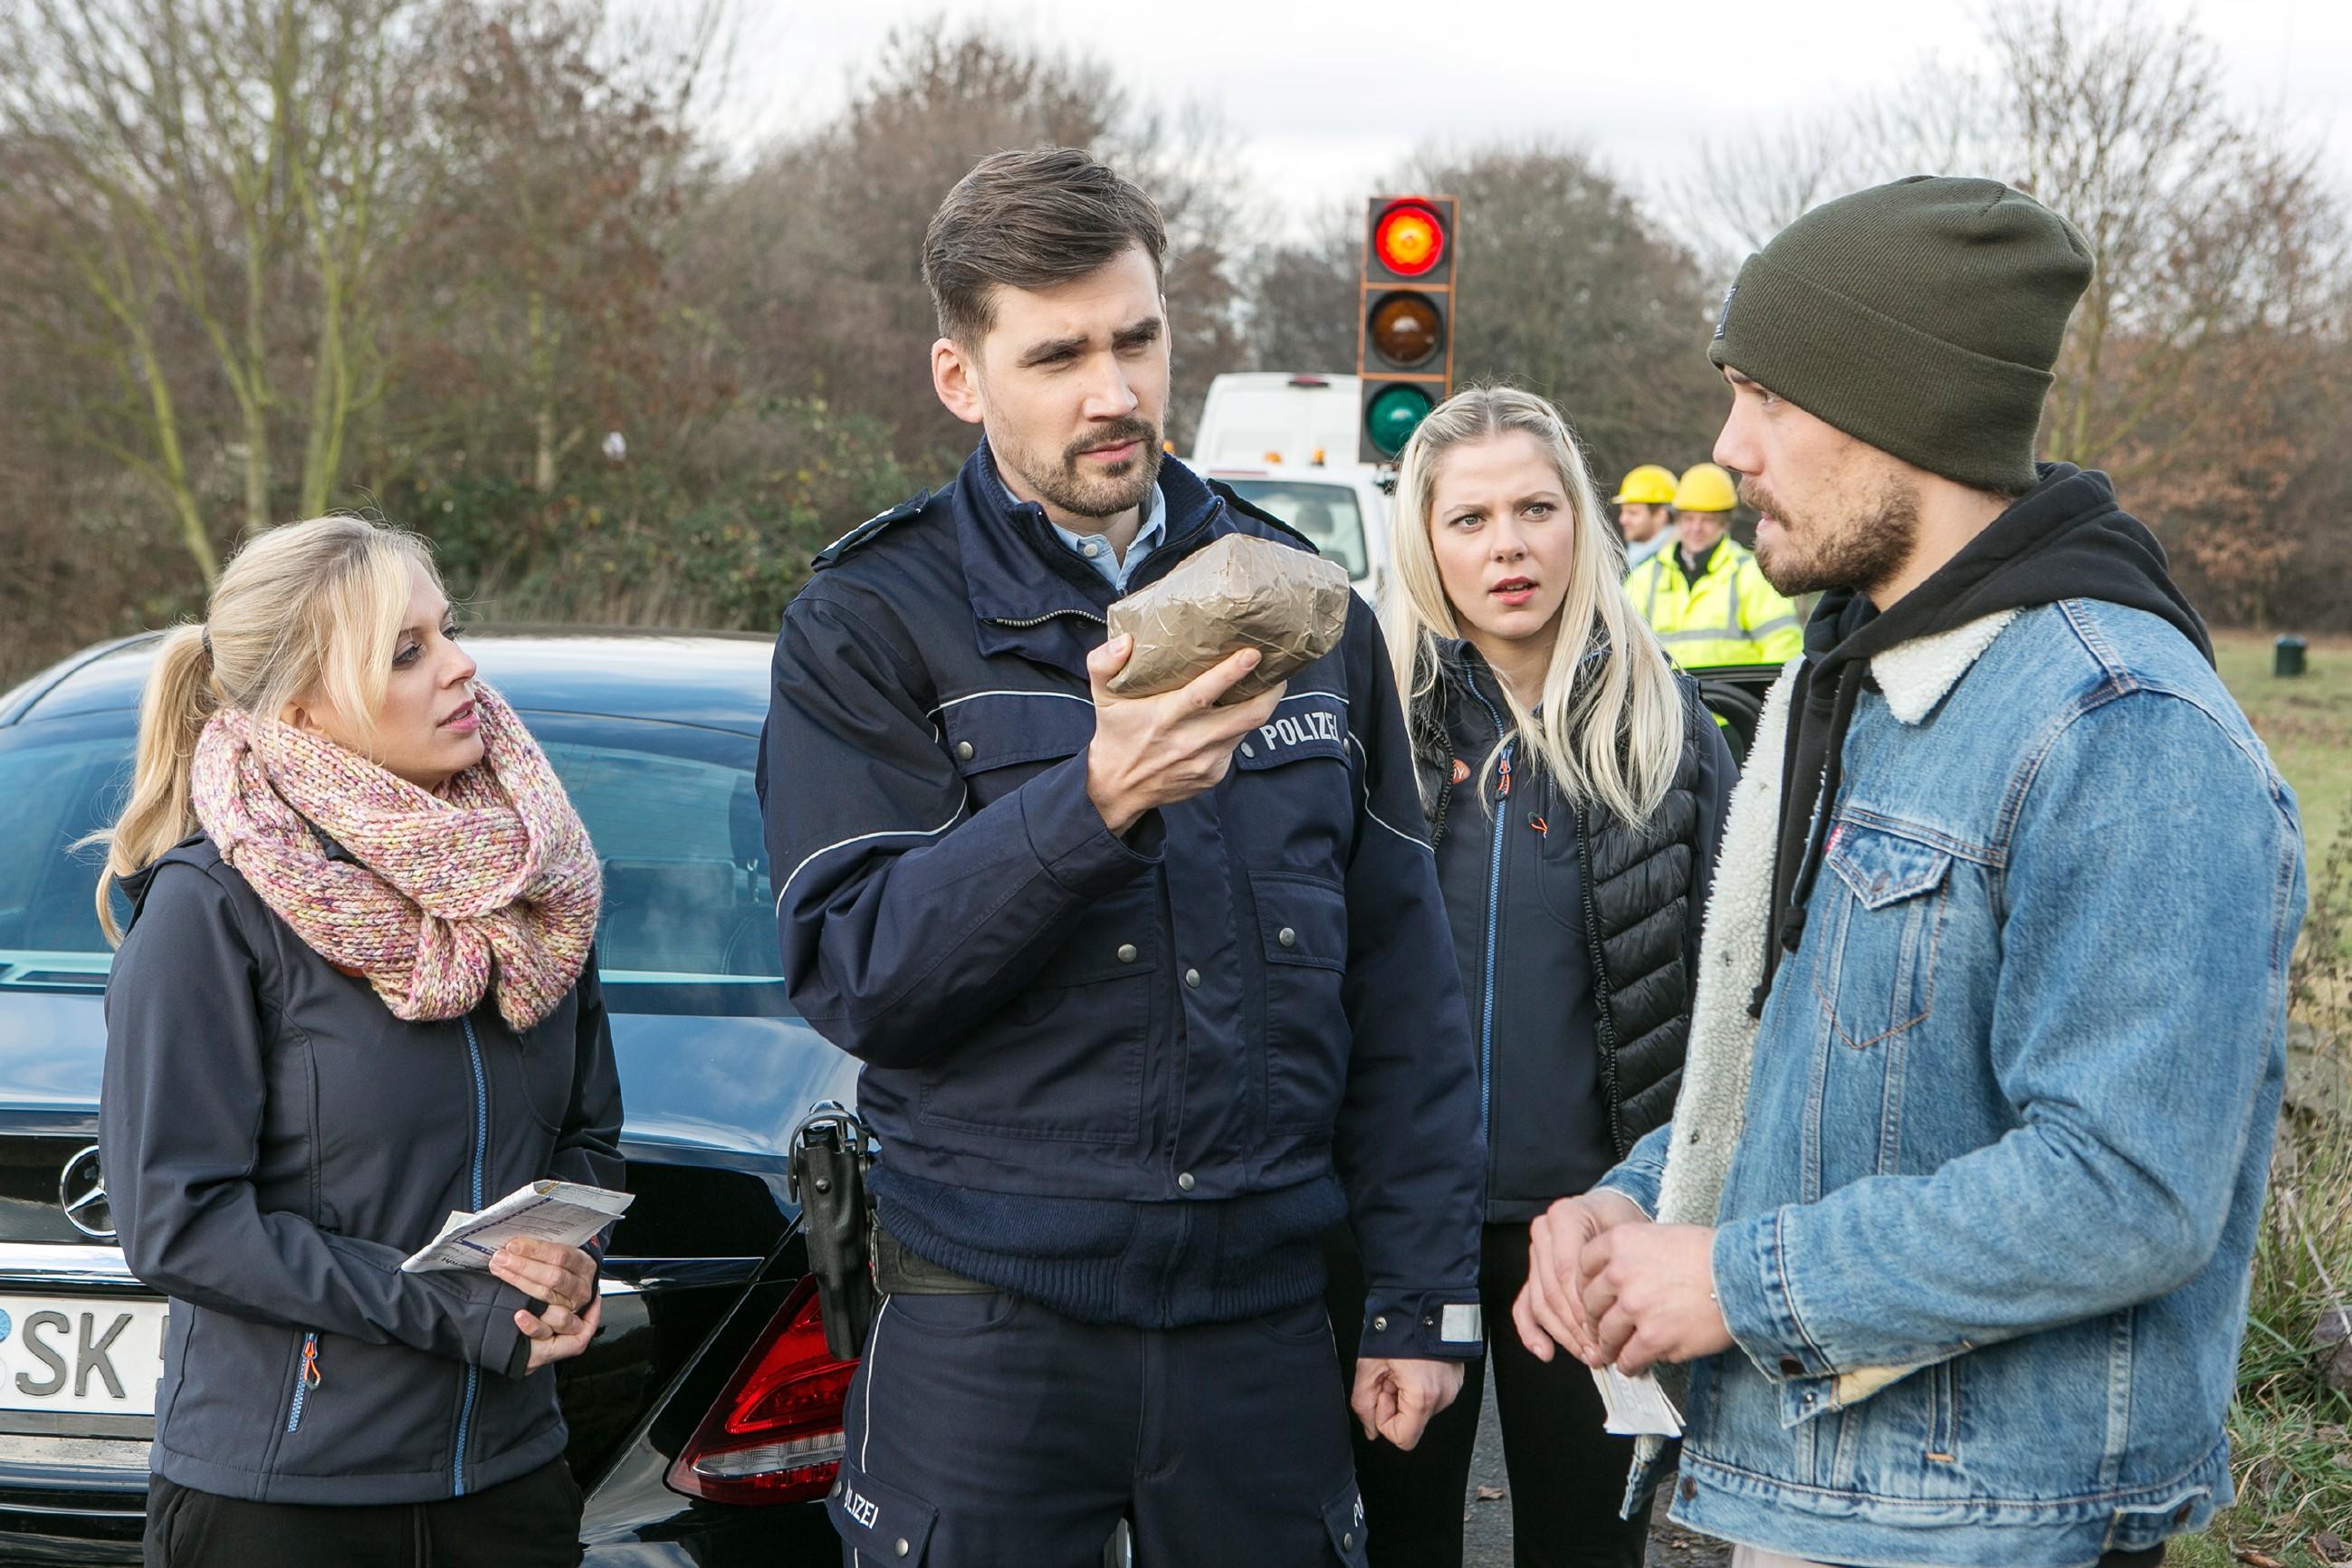 Leo (Julian Bayer, r.) ist entsetzt, als der Polizist Schlömann (Jochen Alexander Wiegand) in Gegenwart von Lena (Juliette Greco, l.) und Marie (Cheyenne Pahde) einen überraschenden Fund in seinem Auto macht... (Quelle: RTL / Kai Schulz)